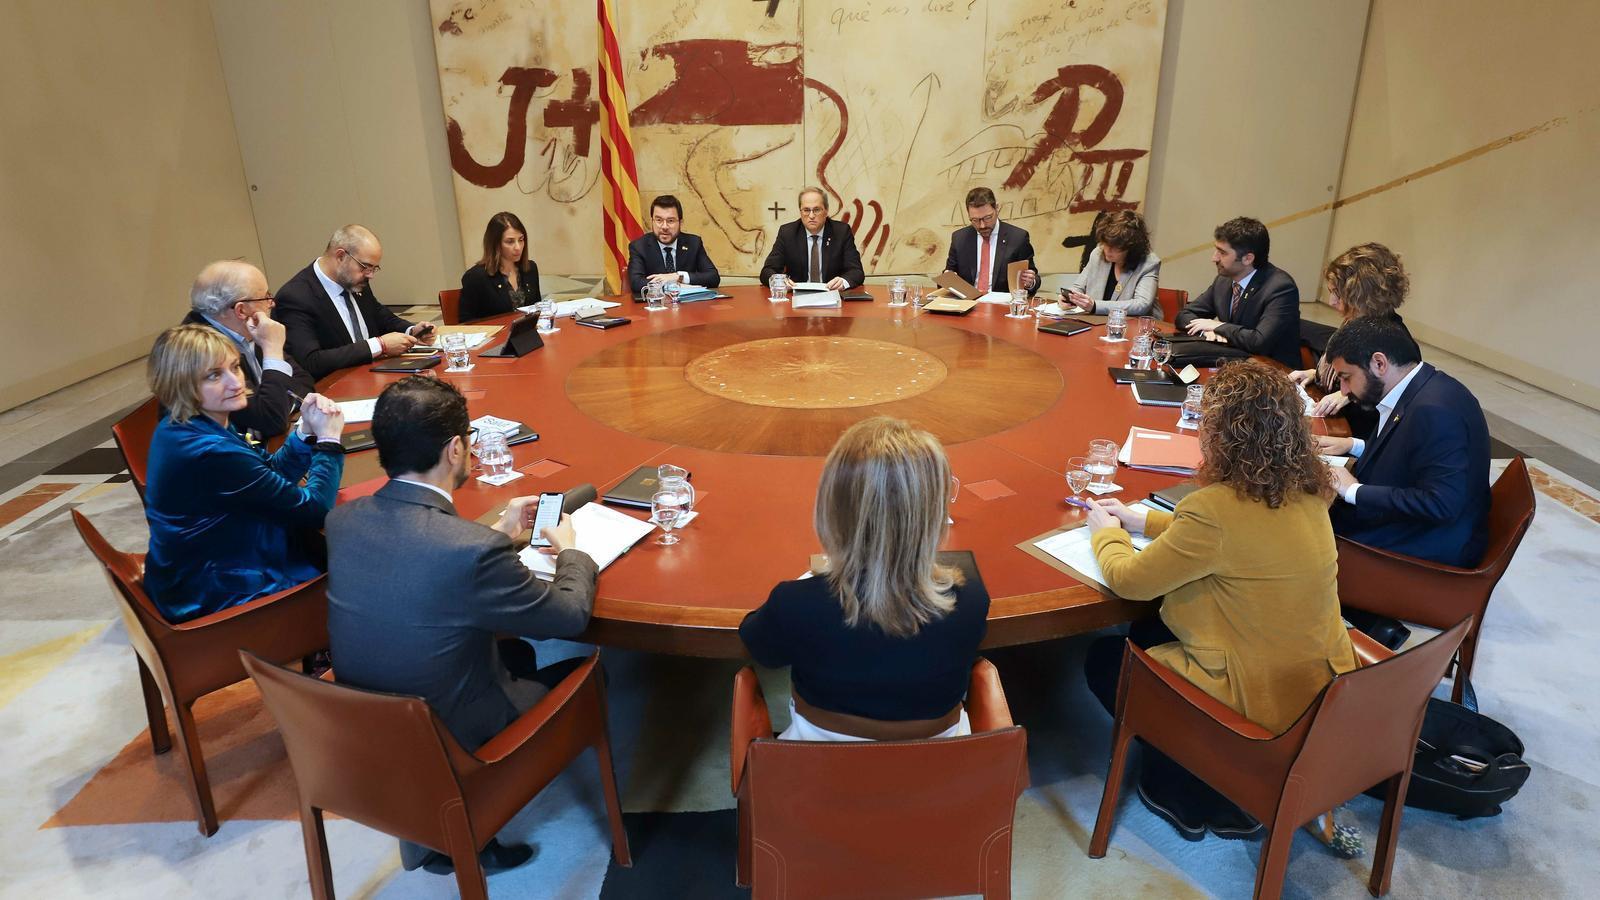 Primera reunió del Consell Executiu sense la presència del ja exconseller Alfred Bosch.